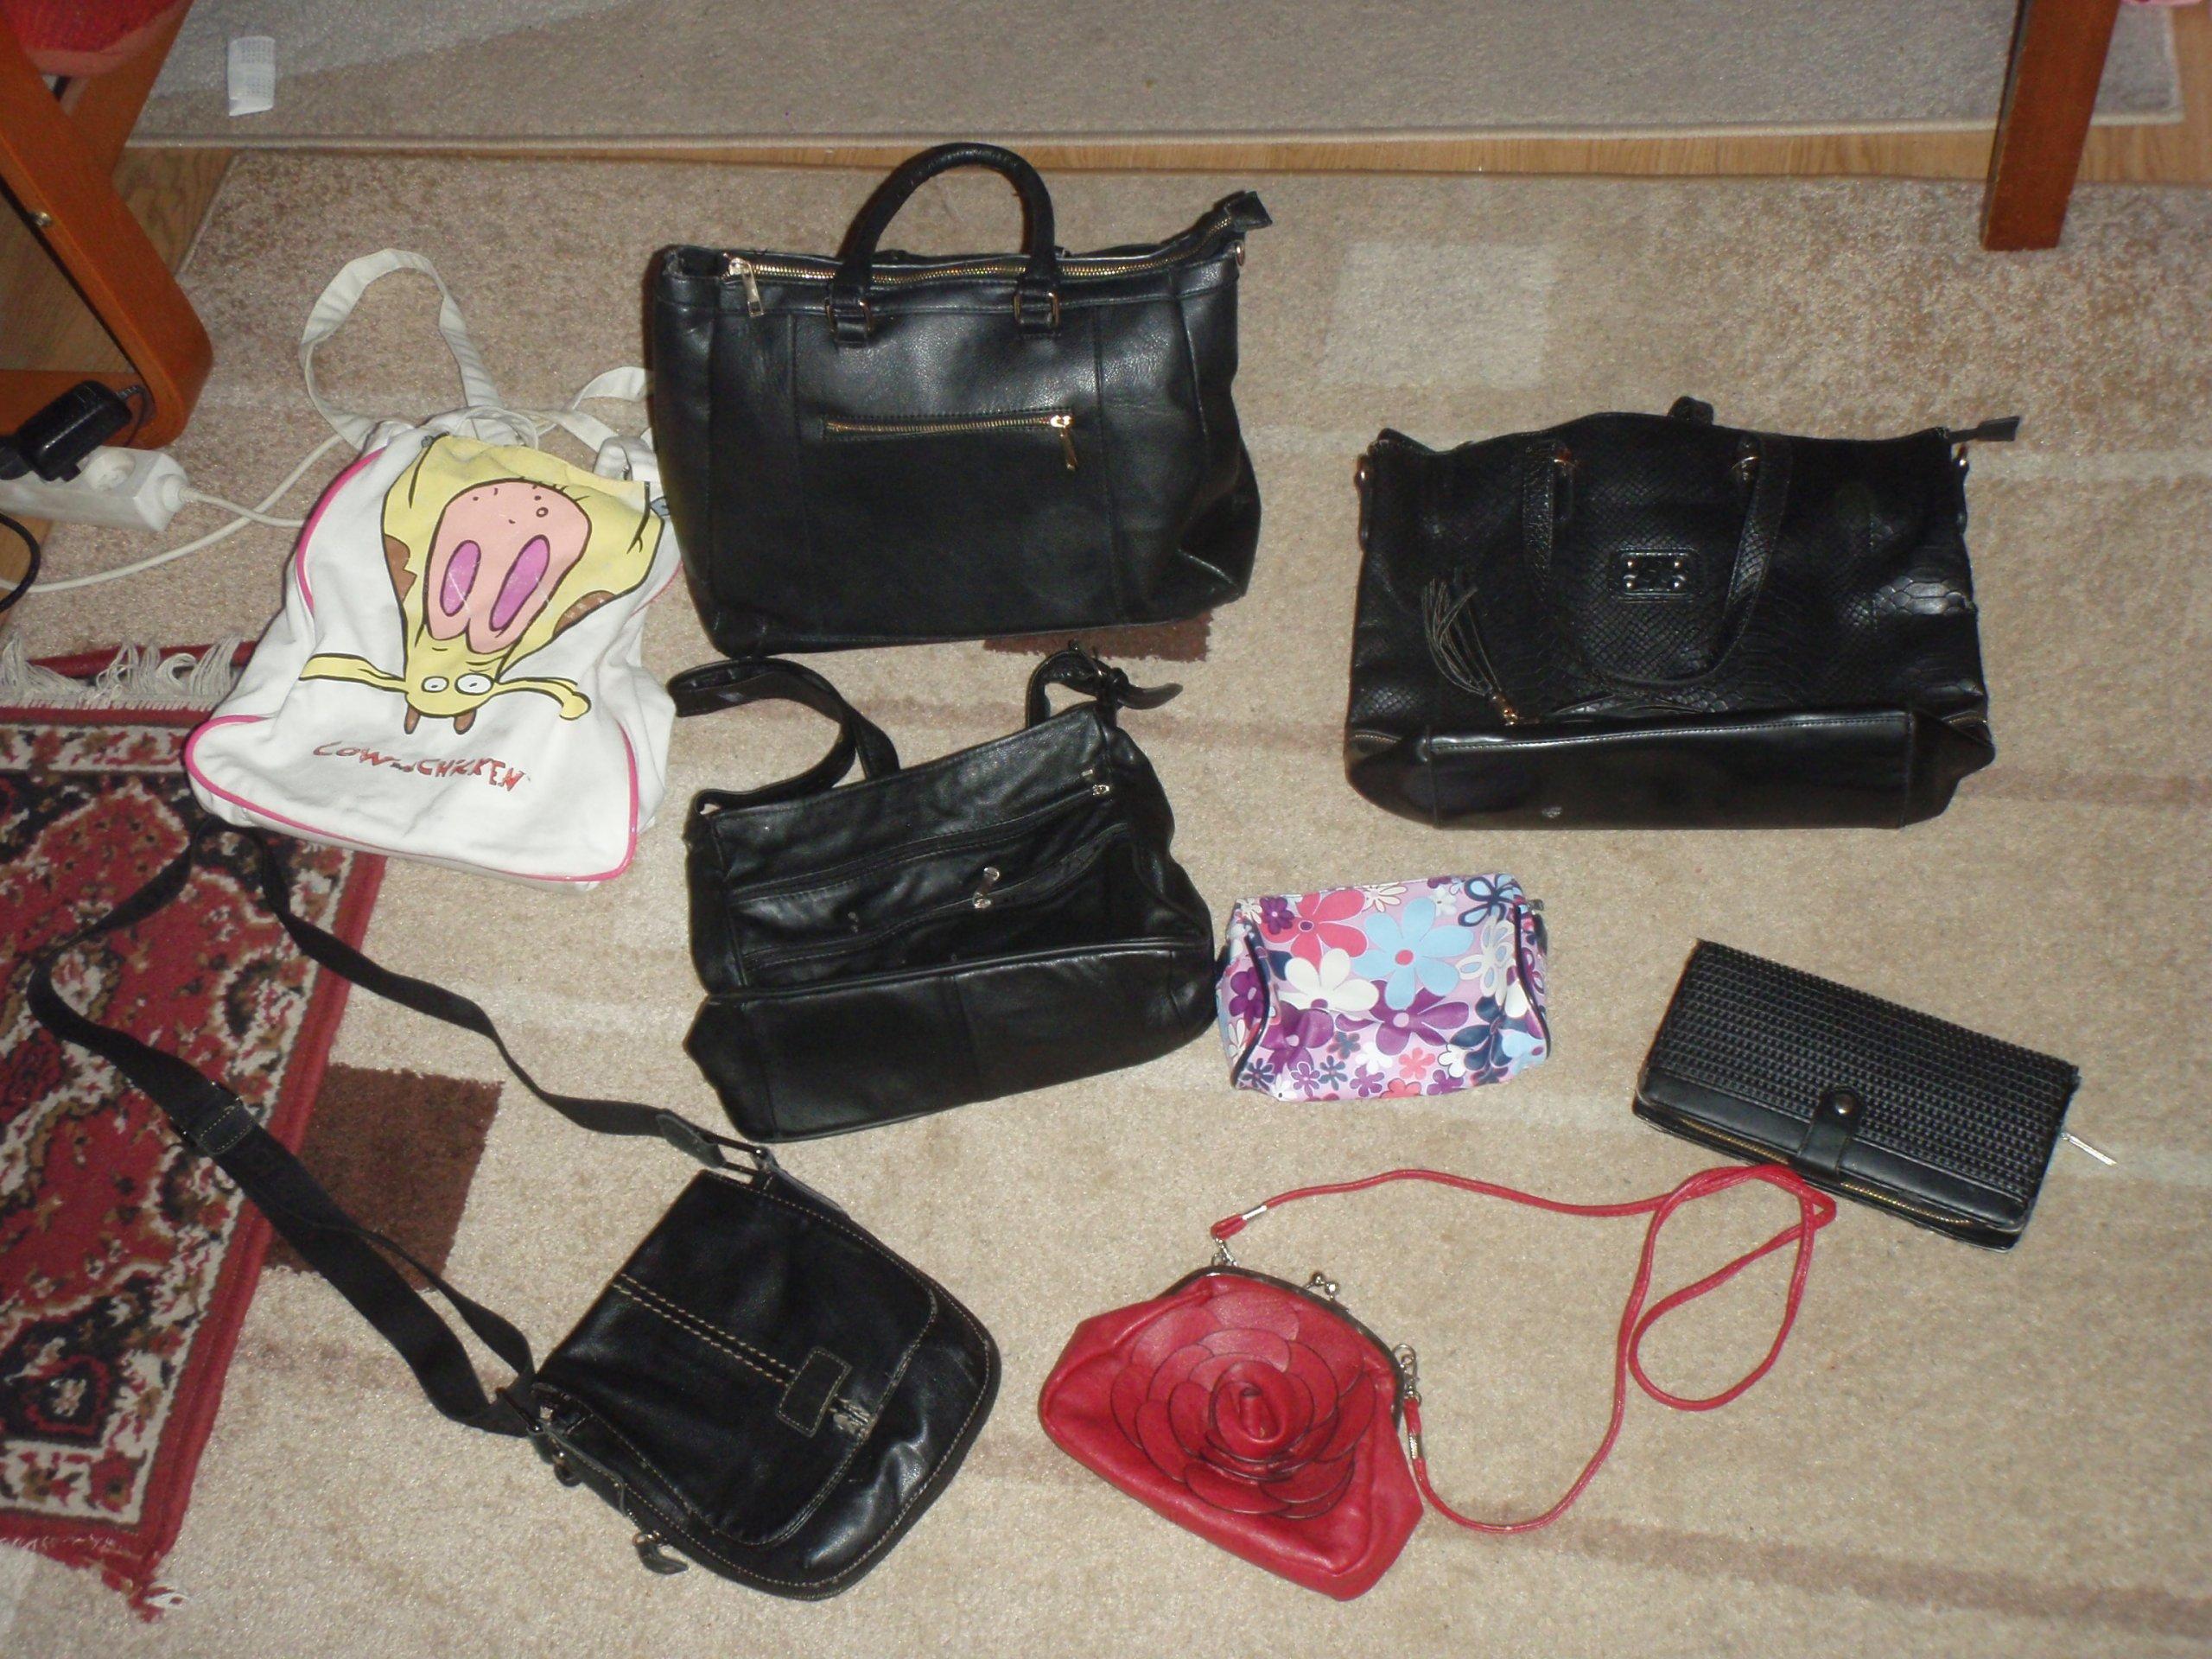 8b0b3ed20b5cc Torebki damskie 5 szt +duży portfel i kosmetyczka - 7143568118 ...